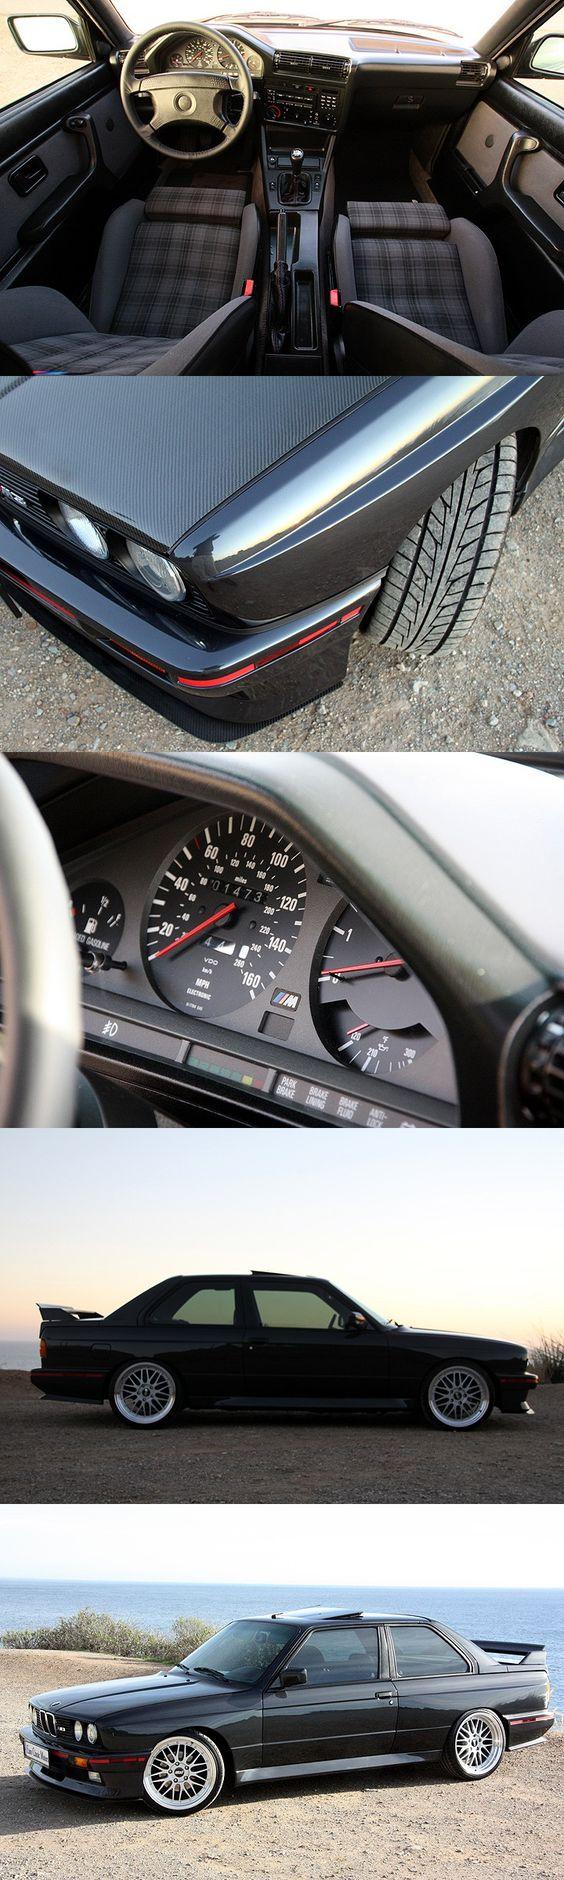 1990 e30 M3 Diamond Black, fully restored including an S38 engine swap, Sport Evo cloth interior